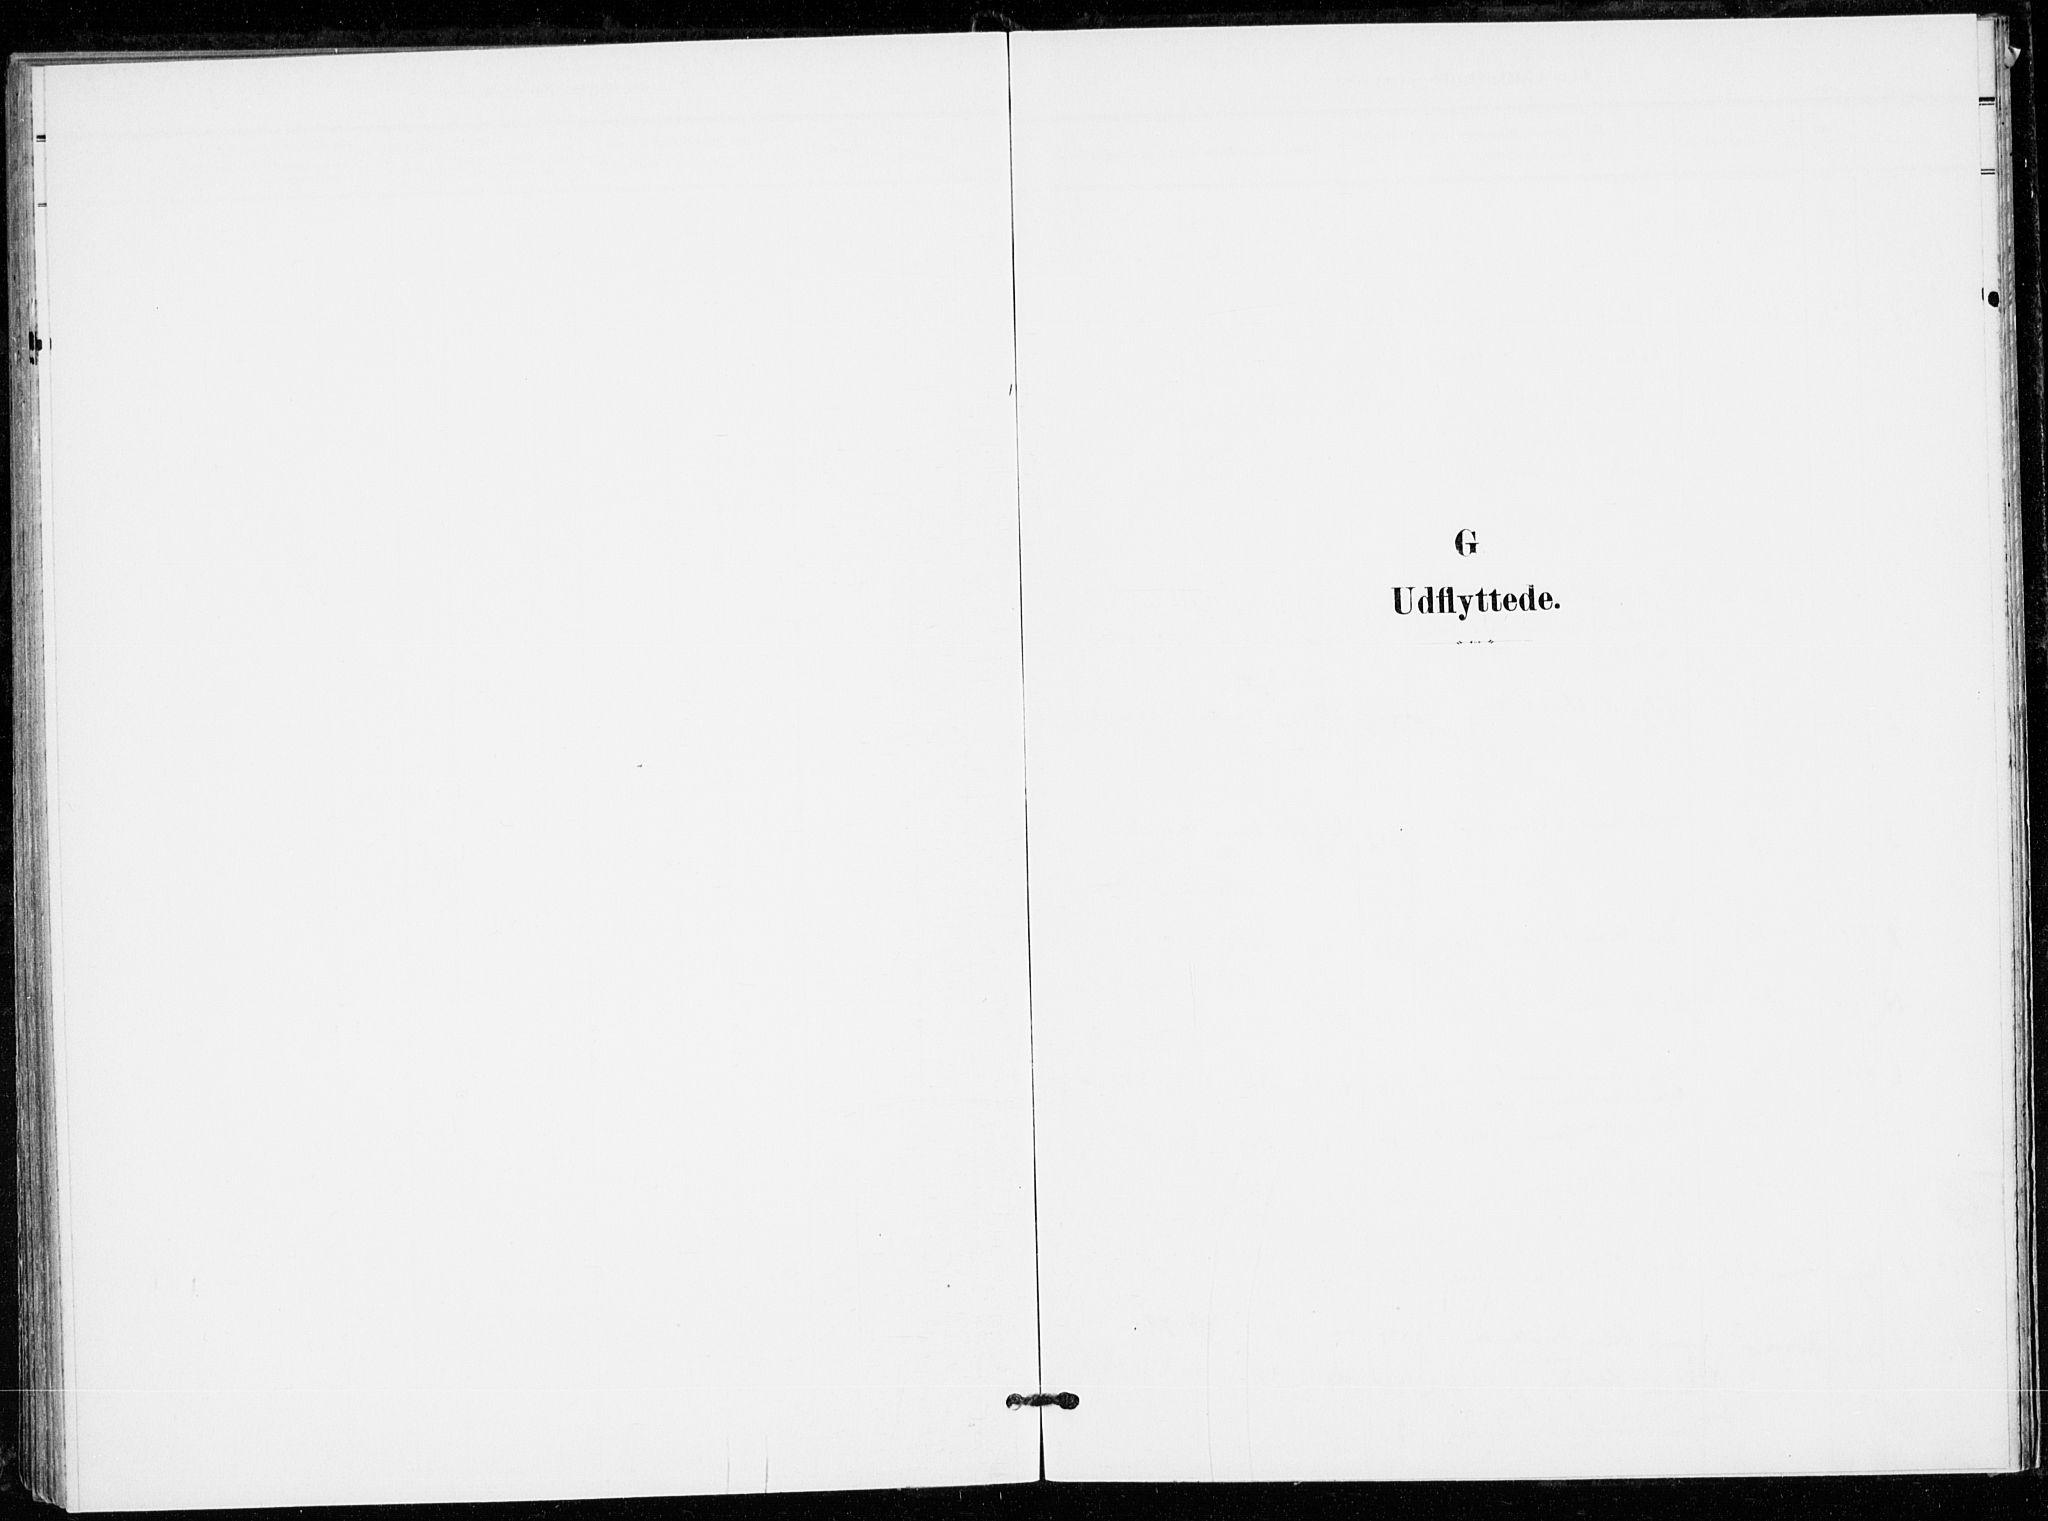 SAKO, Skåtøy kirkebøker, F/Fa/L0005: Ministerialbok nr. I 5, 1901-1923